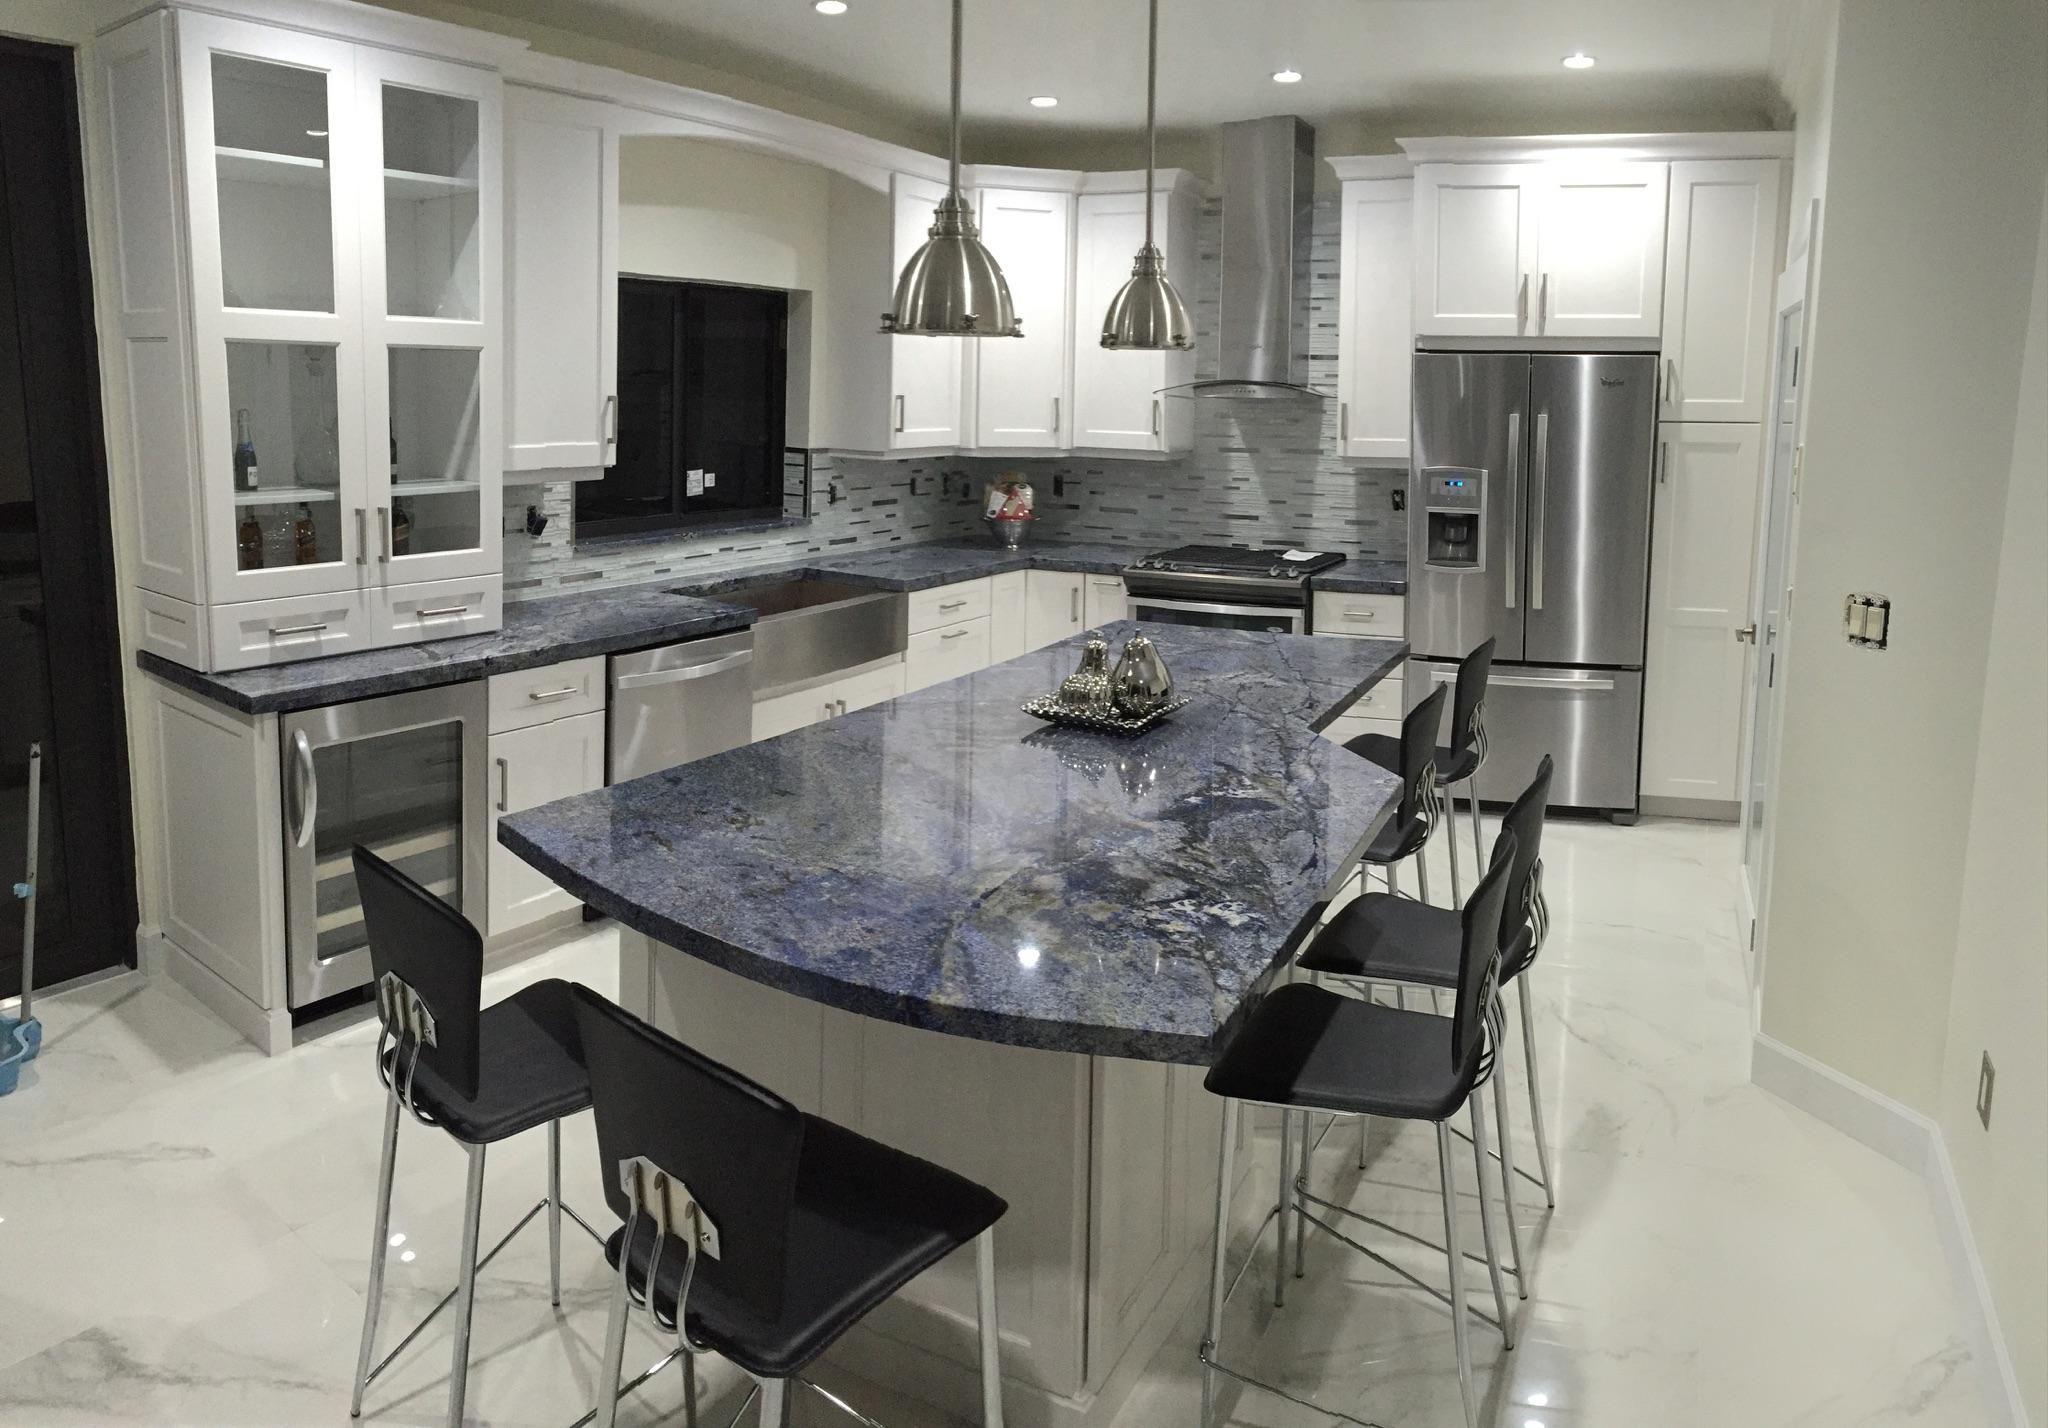 Dream Kitchen Renovation By Concept Kitchen And Bath, Boca Raton, FL  561 699 9999 Kitchen Designer: Neil Mackinnon